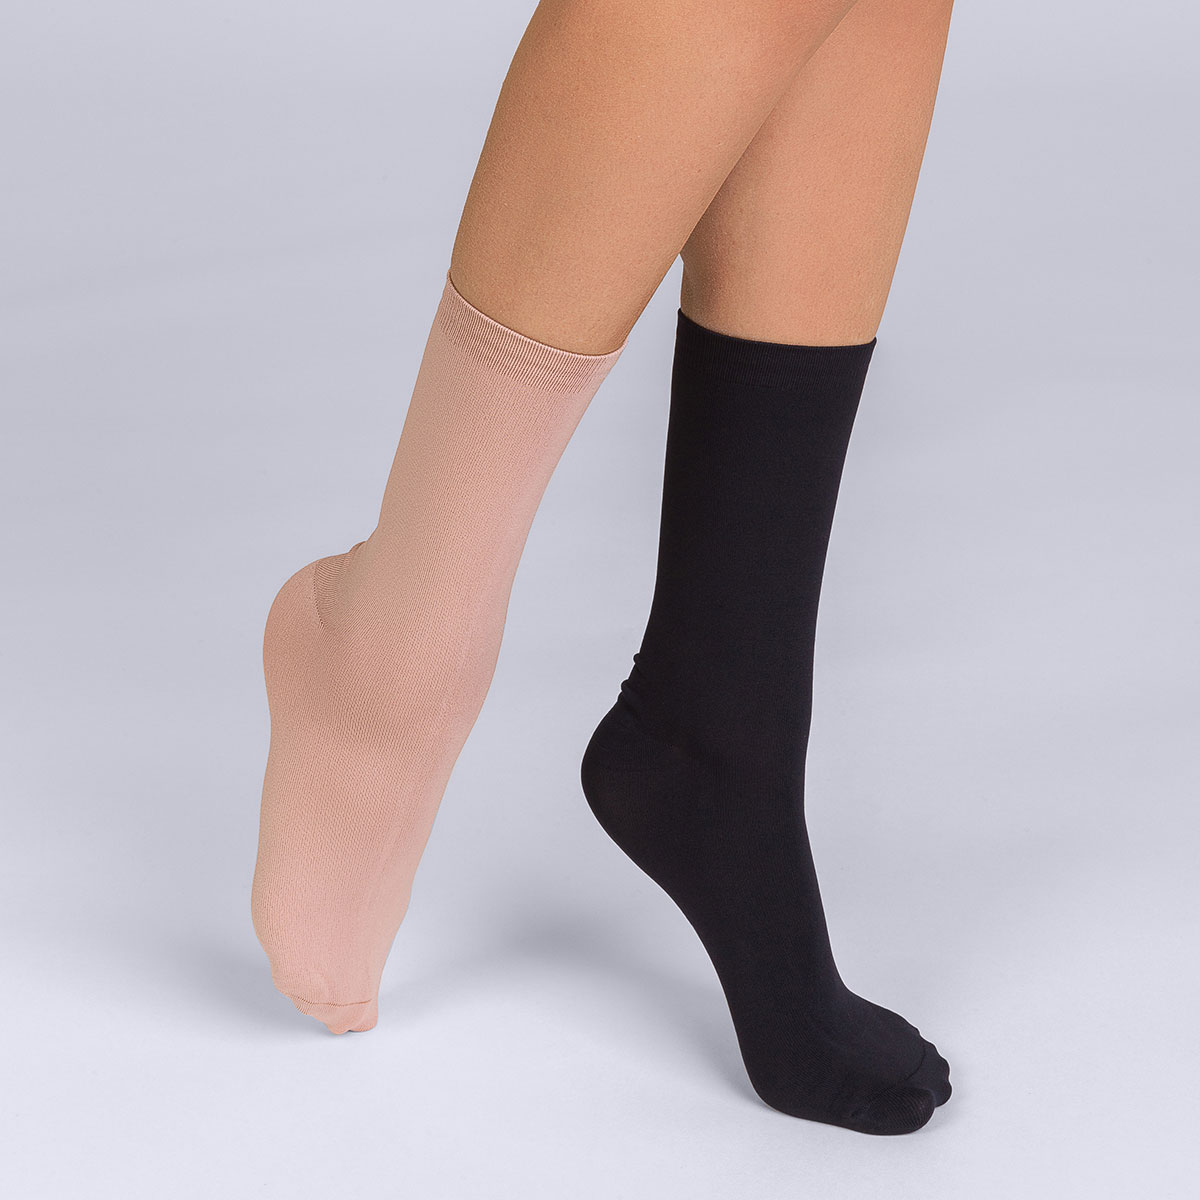 d203ce662ef Lot de 2 chaussettes Skin noir et nude Femme